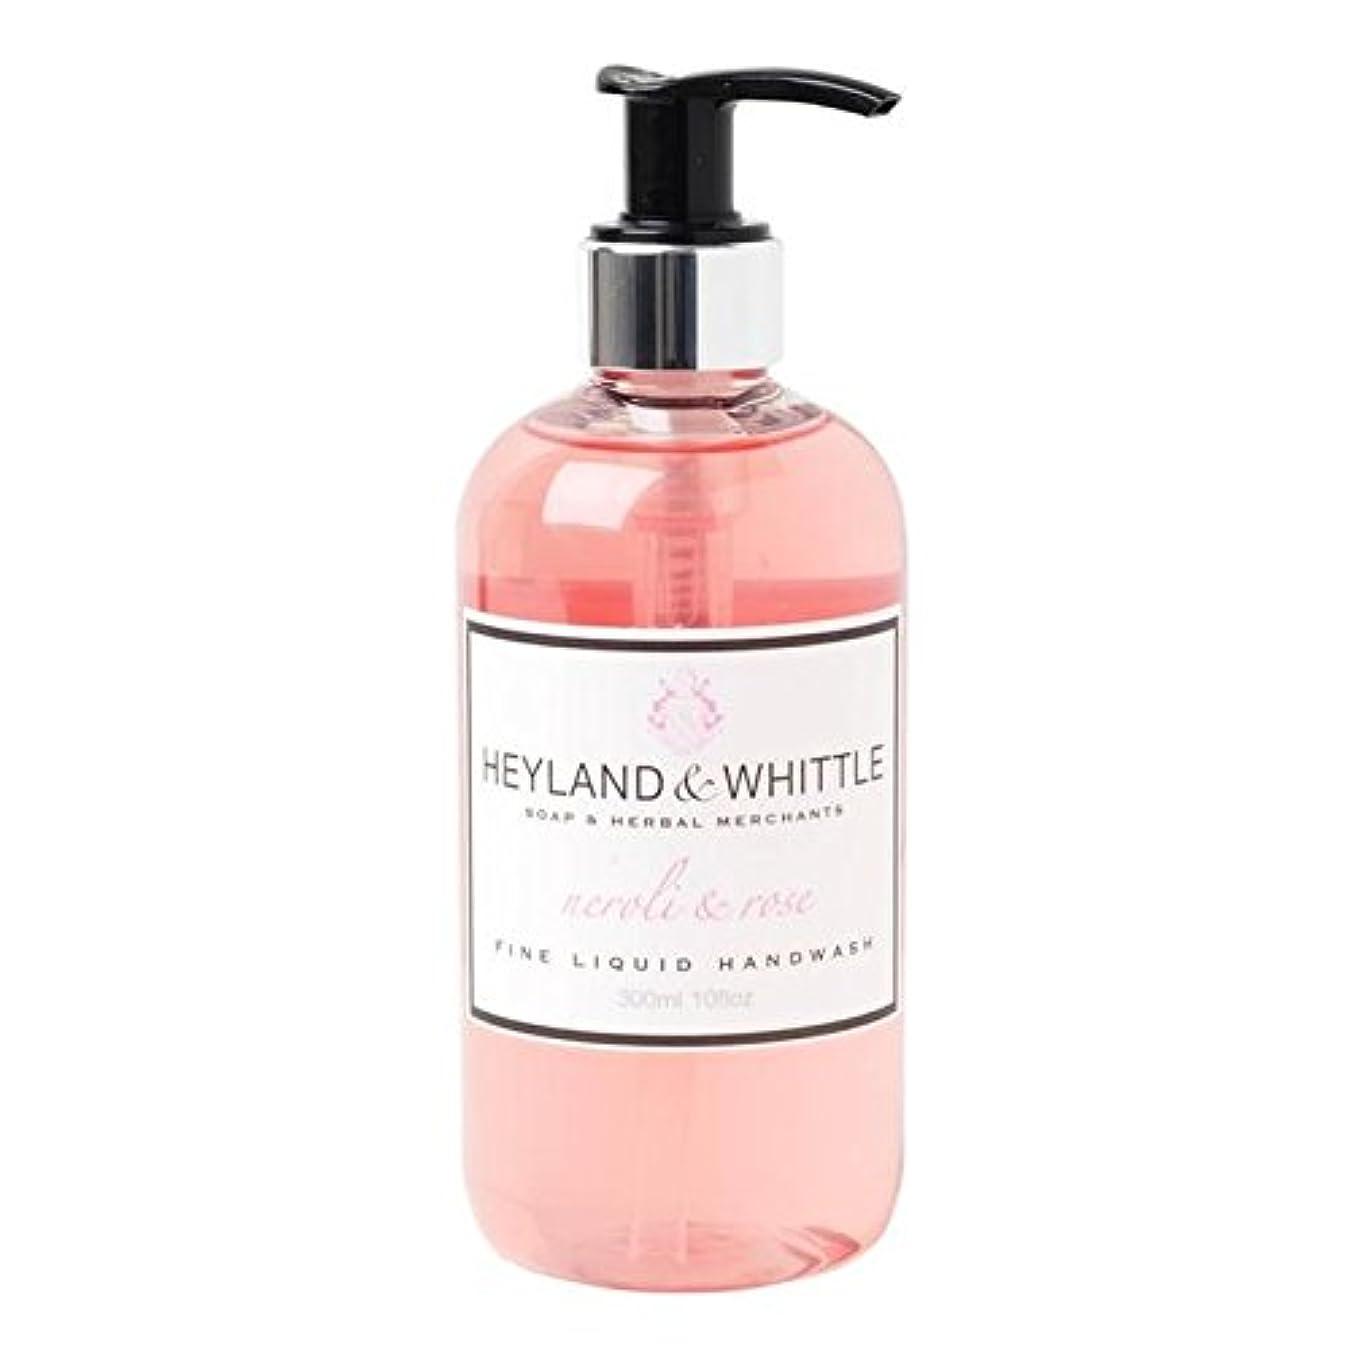 詐欺であること国際&削るネロリ&手洗いの300ミリリットルをバラ x2 - Heyland & Whittle Neroli & Rose Handwash 300ml (Pack of 2) [並行輸入品]